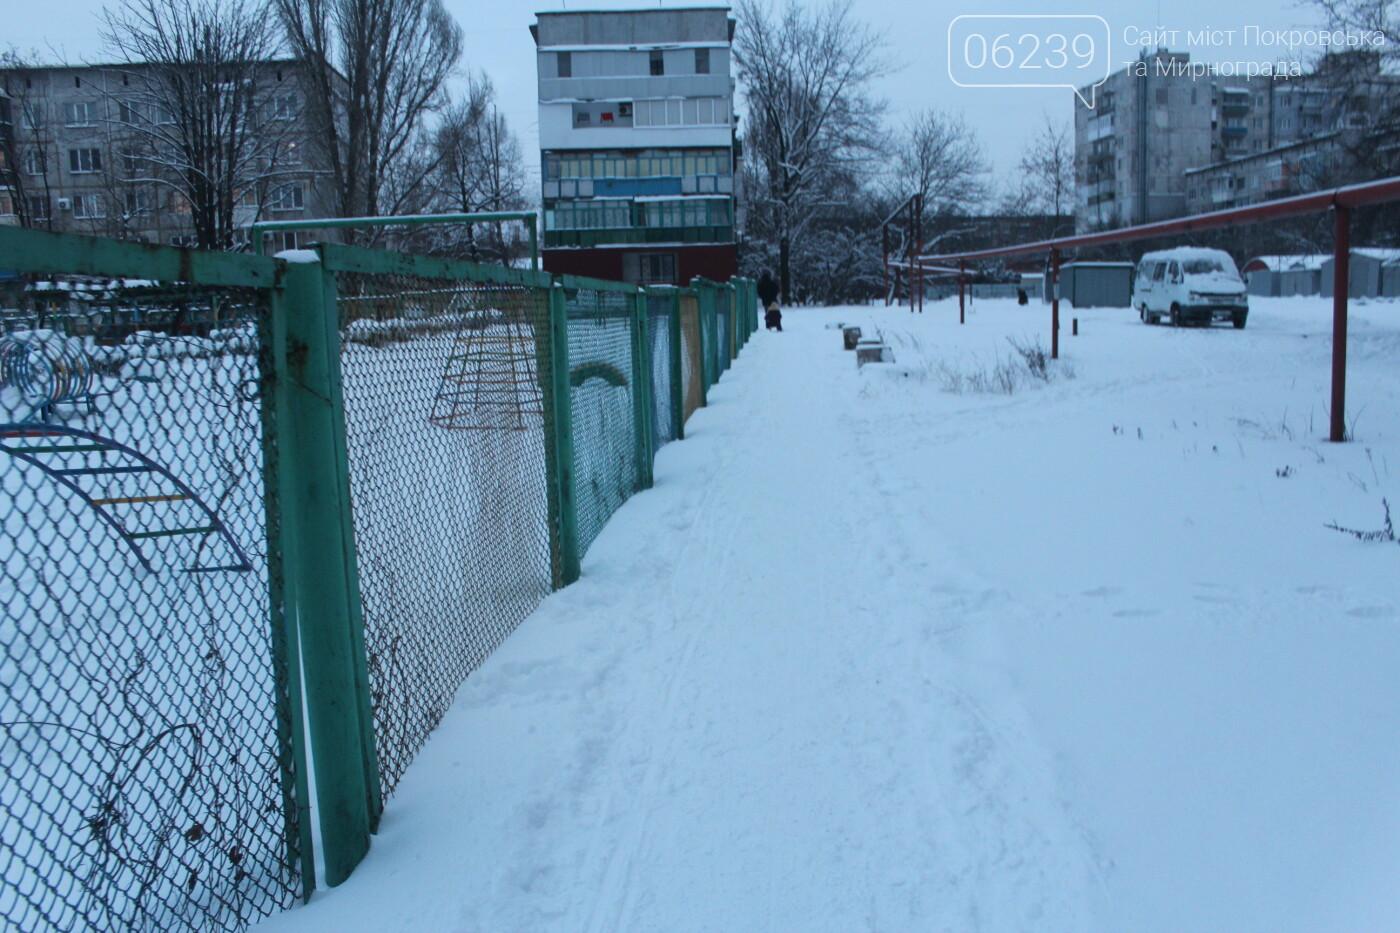 Ухудшение погодных условий: готов ли заснеженный Мирноград к непогоде? , фото-1